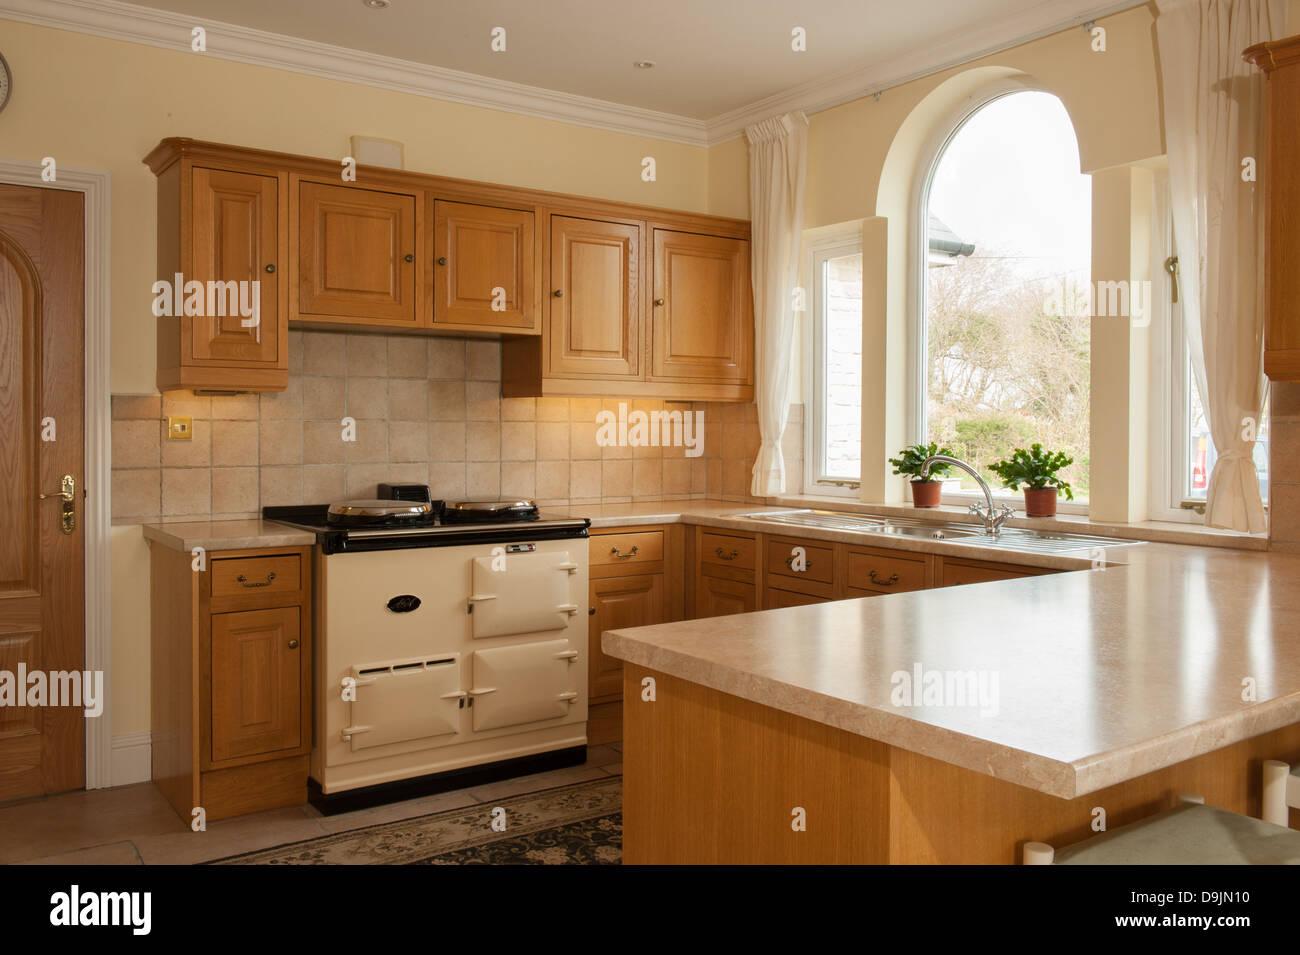 Stile tradizionale cucina in legno di quercia con Aga con finestra ...